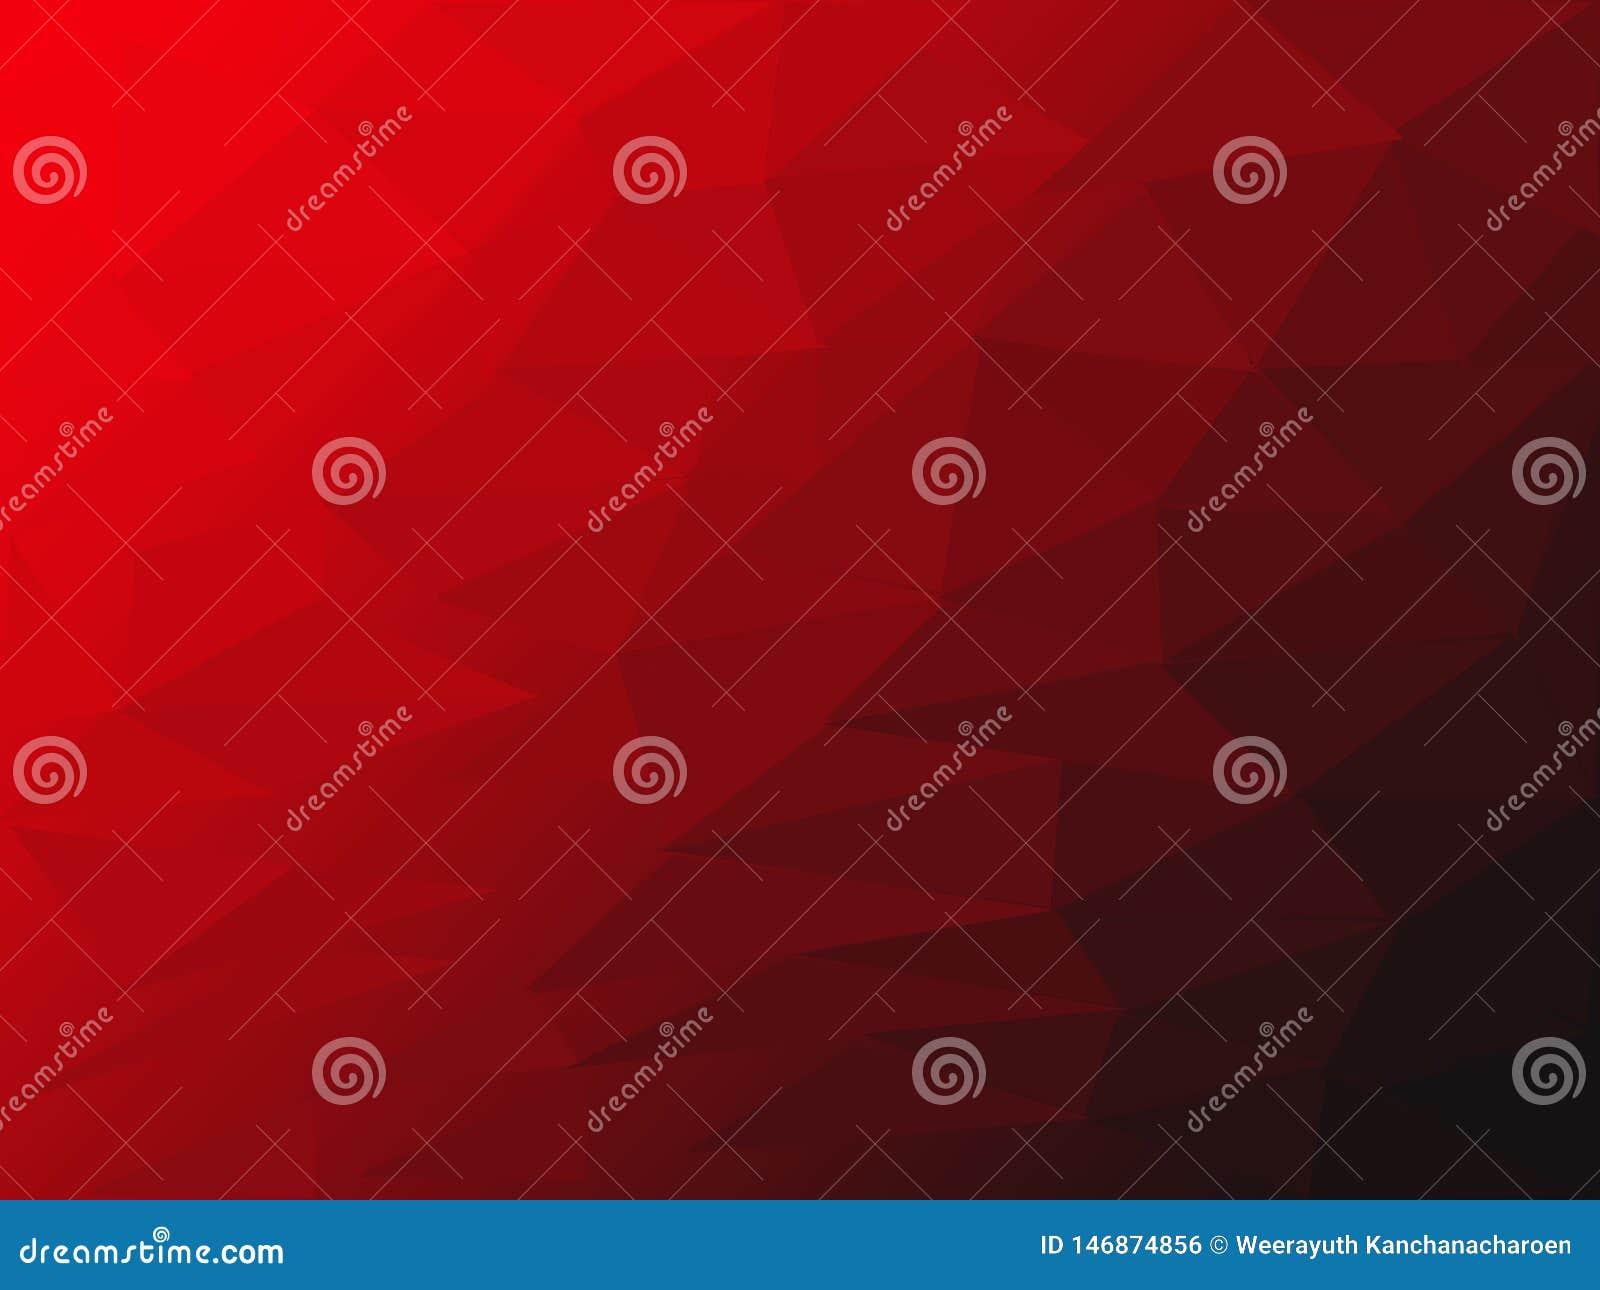 Όμορφο υπόβαθρο και ταπετσαρία απεικόνισης σύστασης χρώματος κινηματογραφήσεων σε πρώτο πλάνο κόκκινο και μαύρο